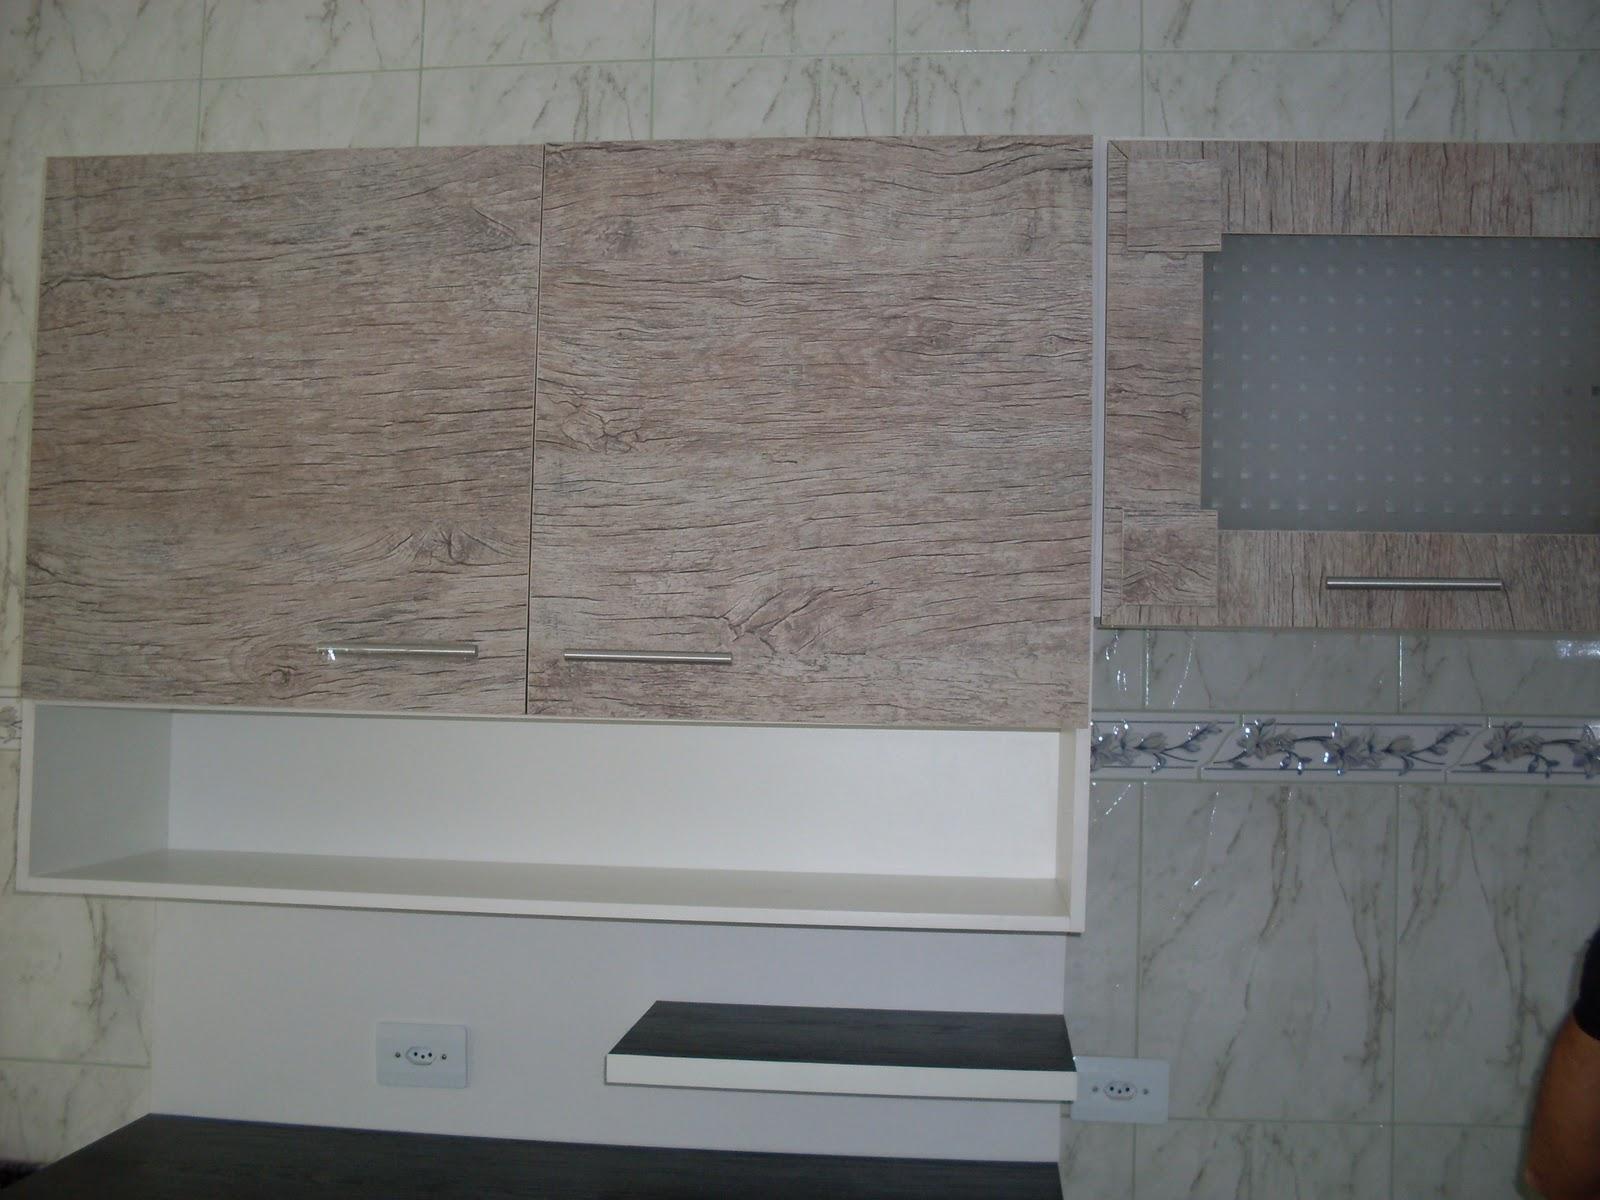 Marcenaria Mariano: gabinete de pia para banheiro e cozinha pranejada #635B50 1600 1200